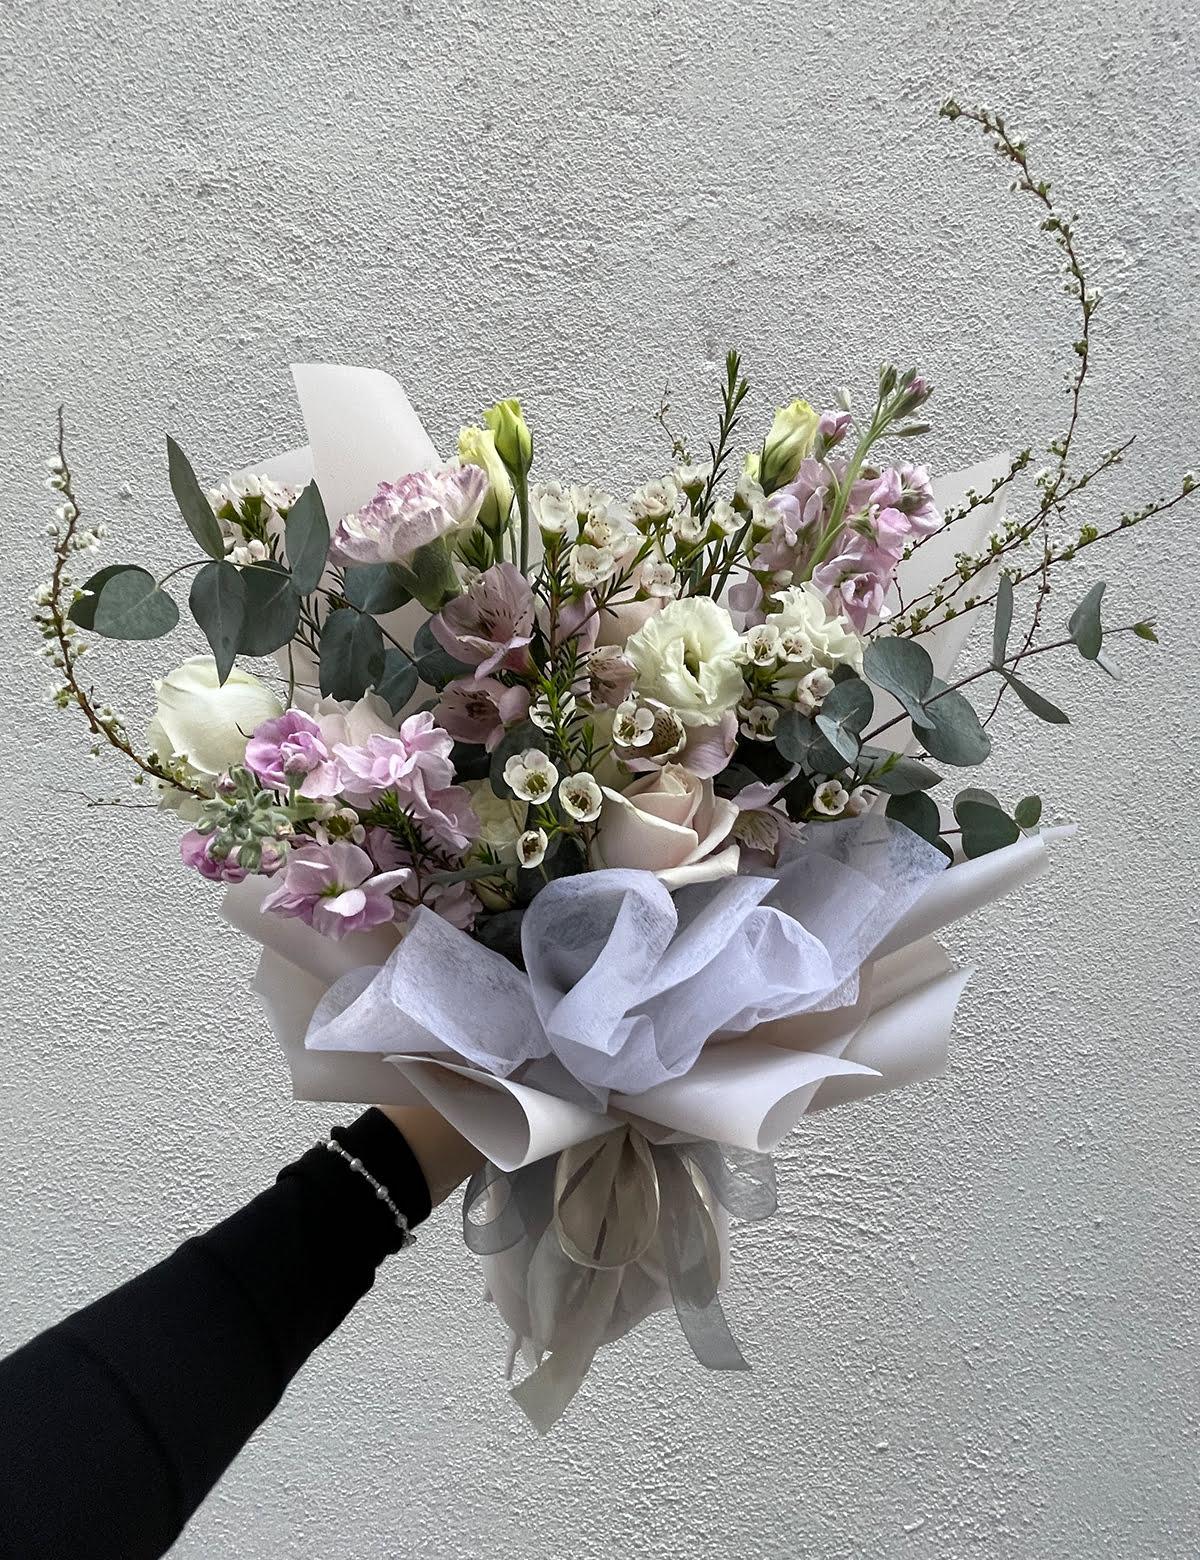 kl flower bouquet